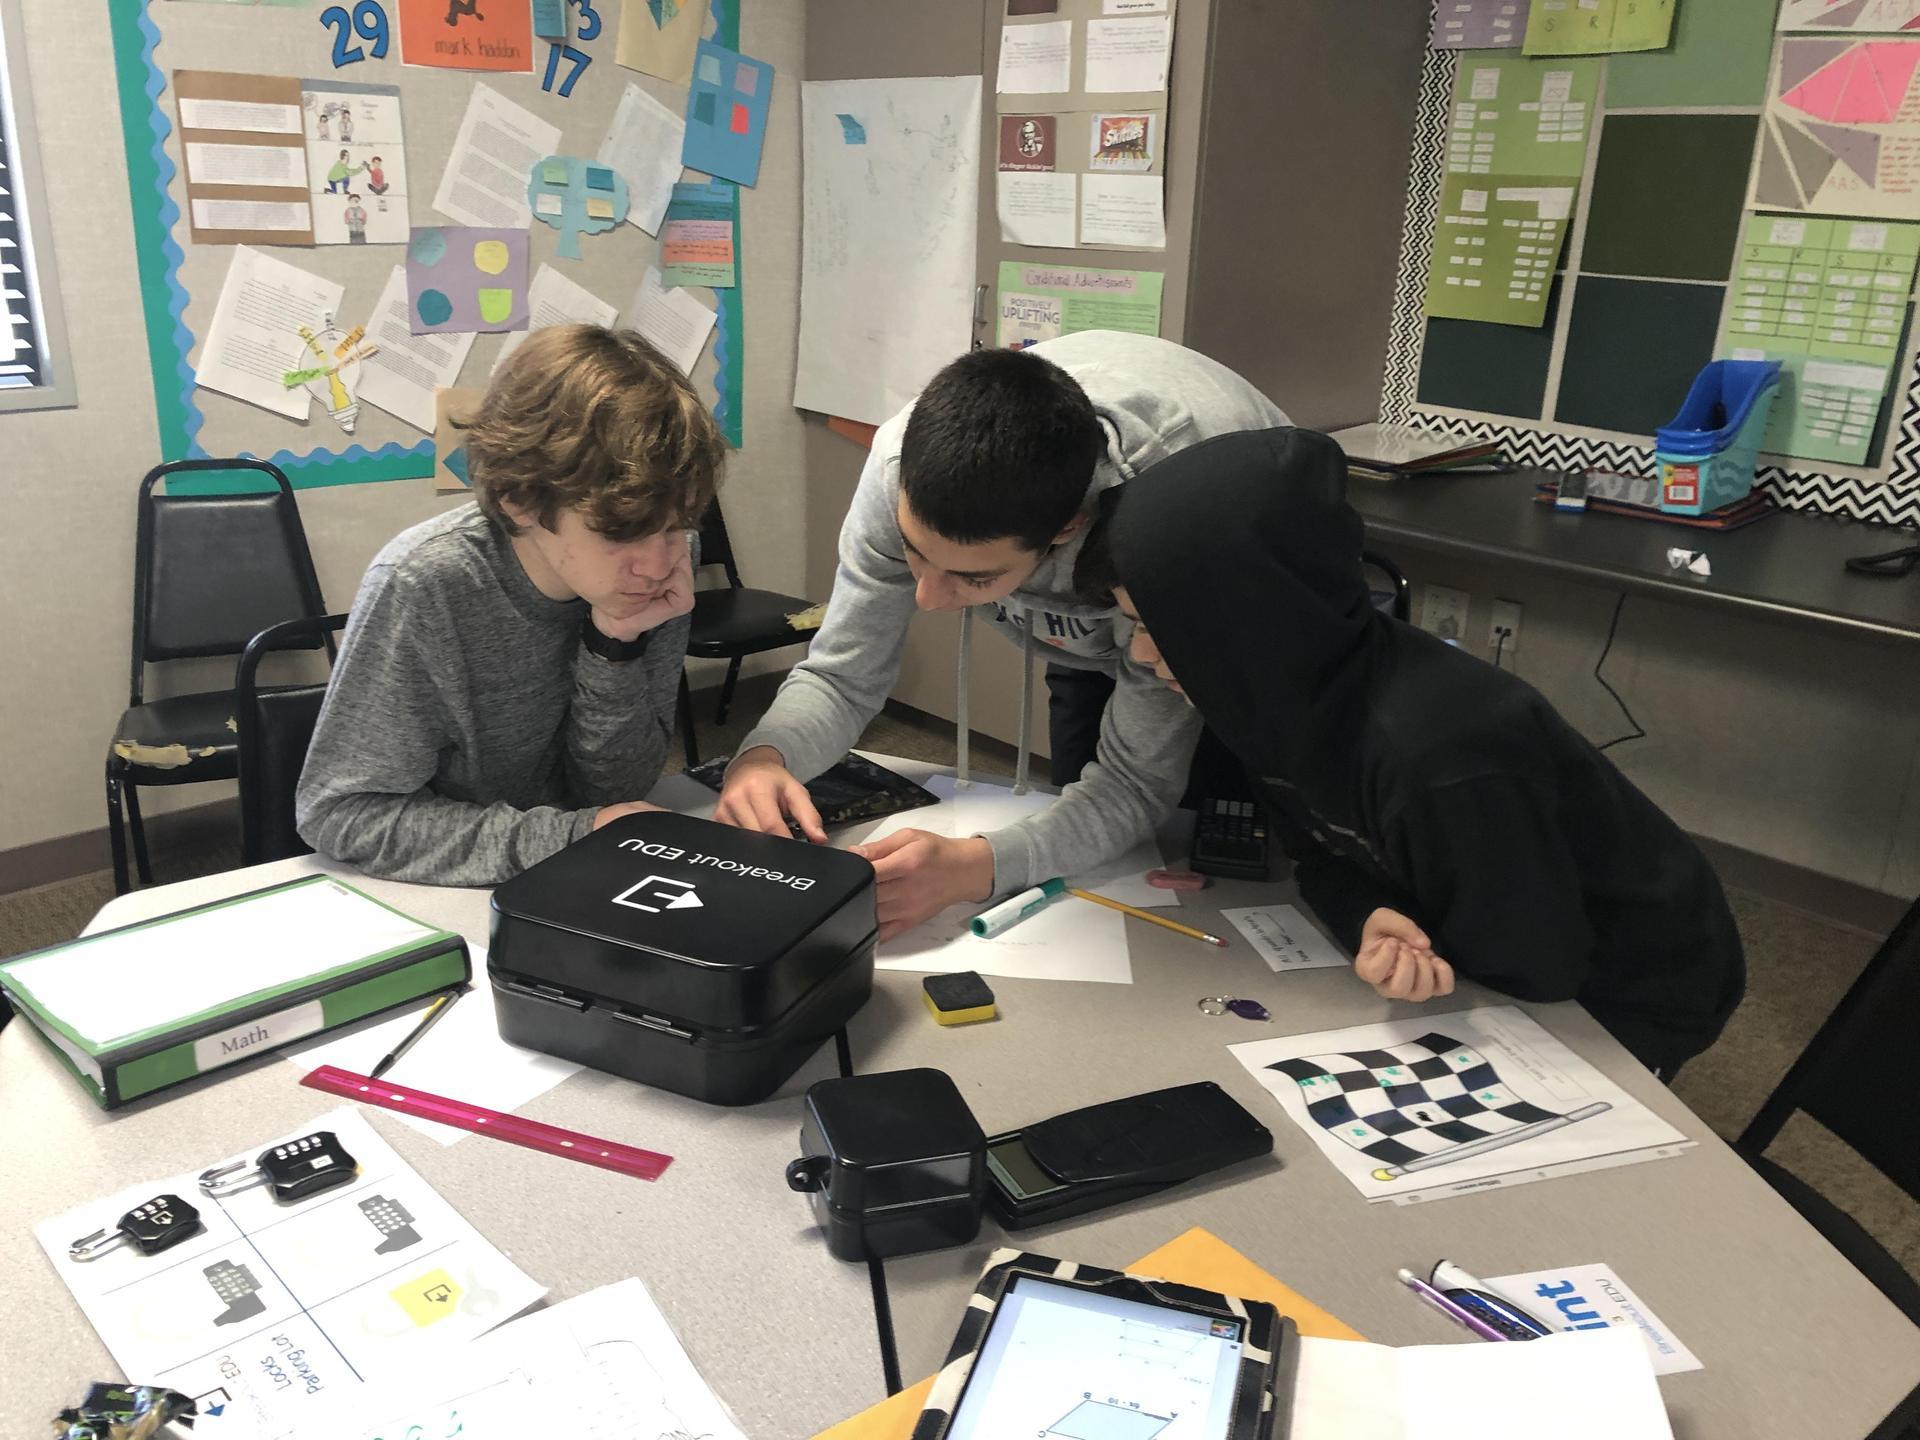 """数学学生们正在进行一项通过解谜来教学的""""Breakout Box""""活动."""